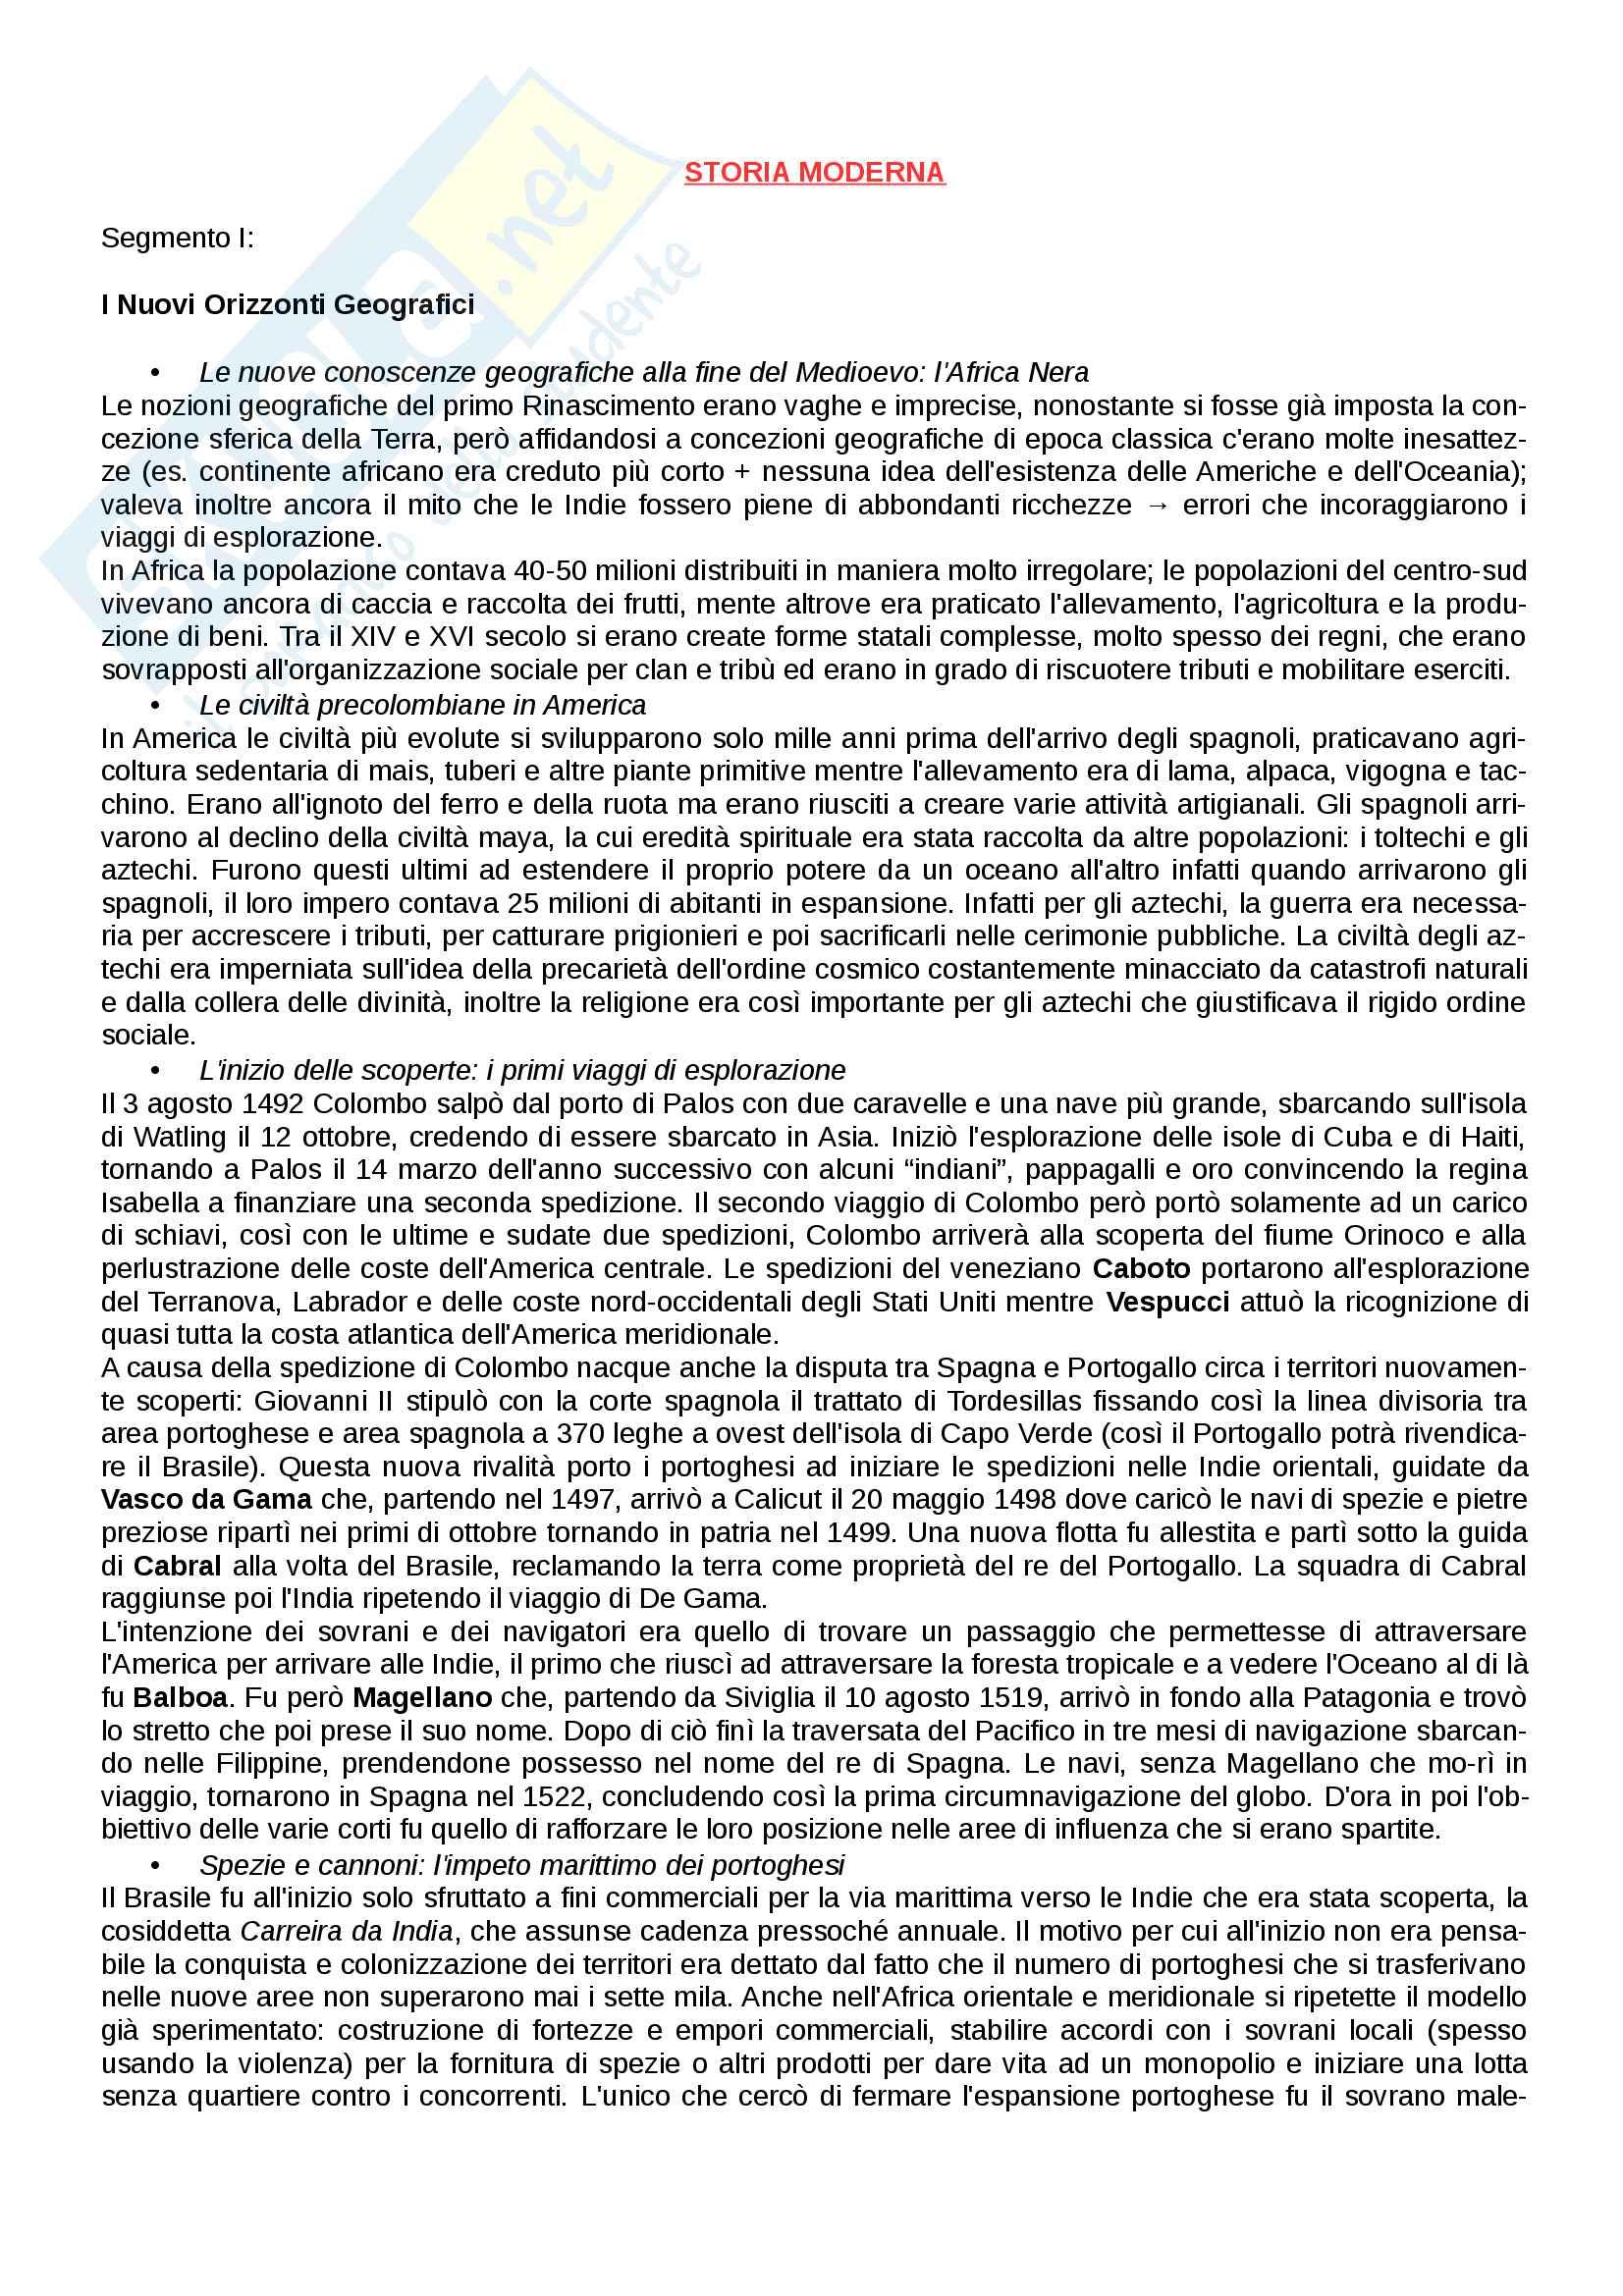 """Riassunto esame Storia Moderna, prof. Melani Igor, libro consigliato """"Storia Moderna"""", Capra"""